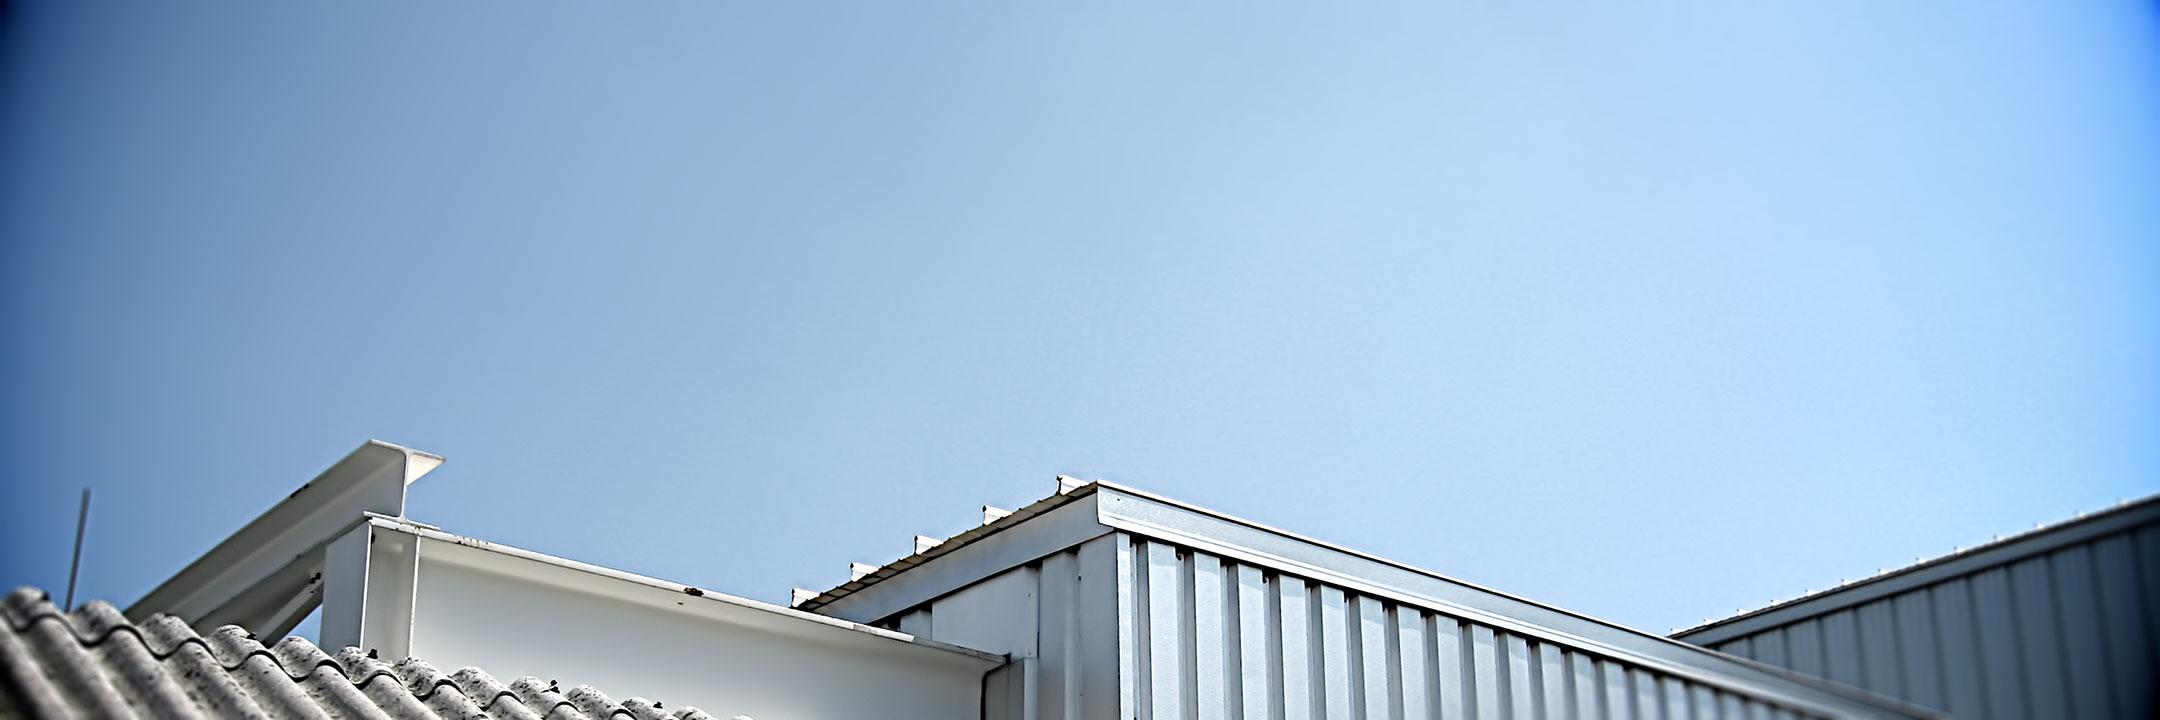 Referenz im Bereich Dach